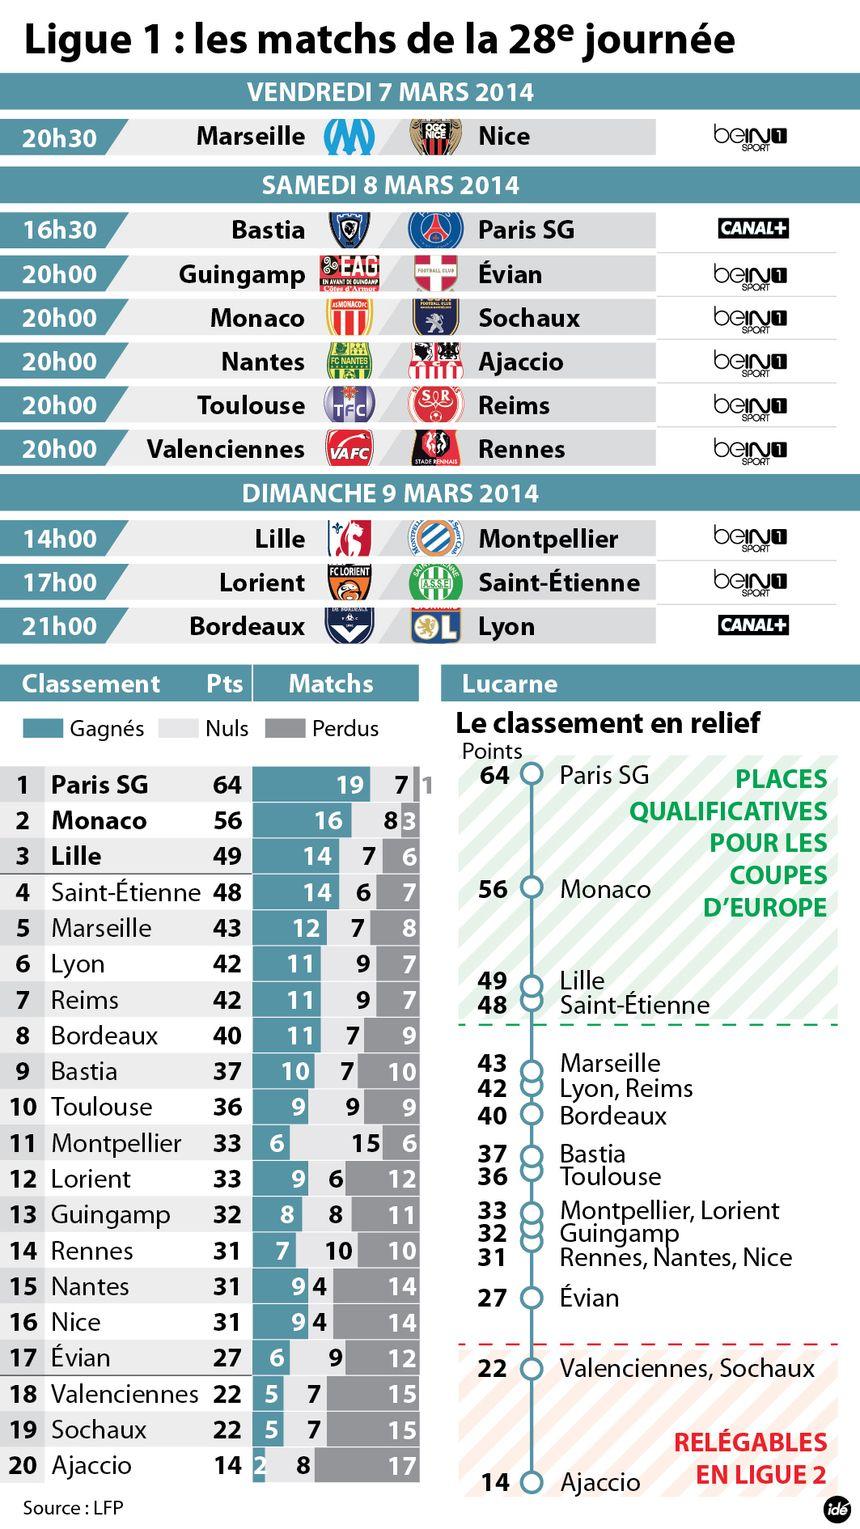 La 28e journée de Ligue 1 - IDÉ